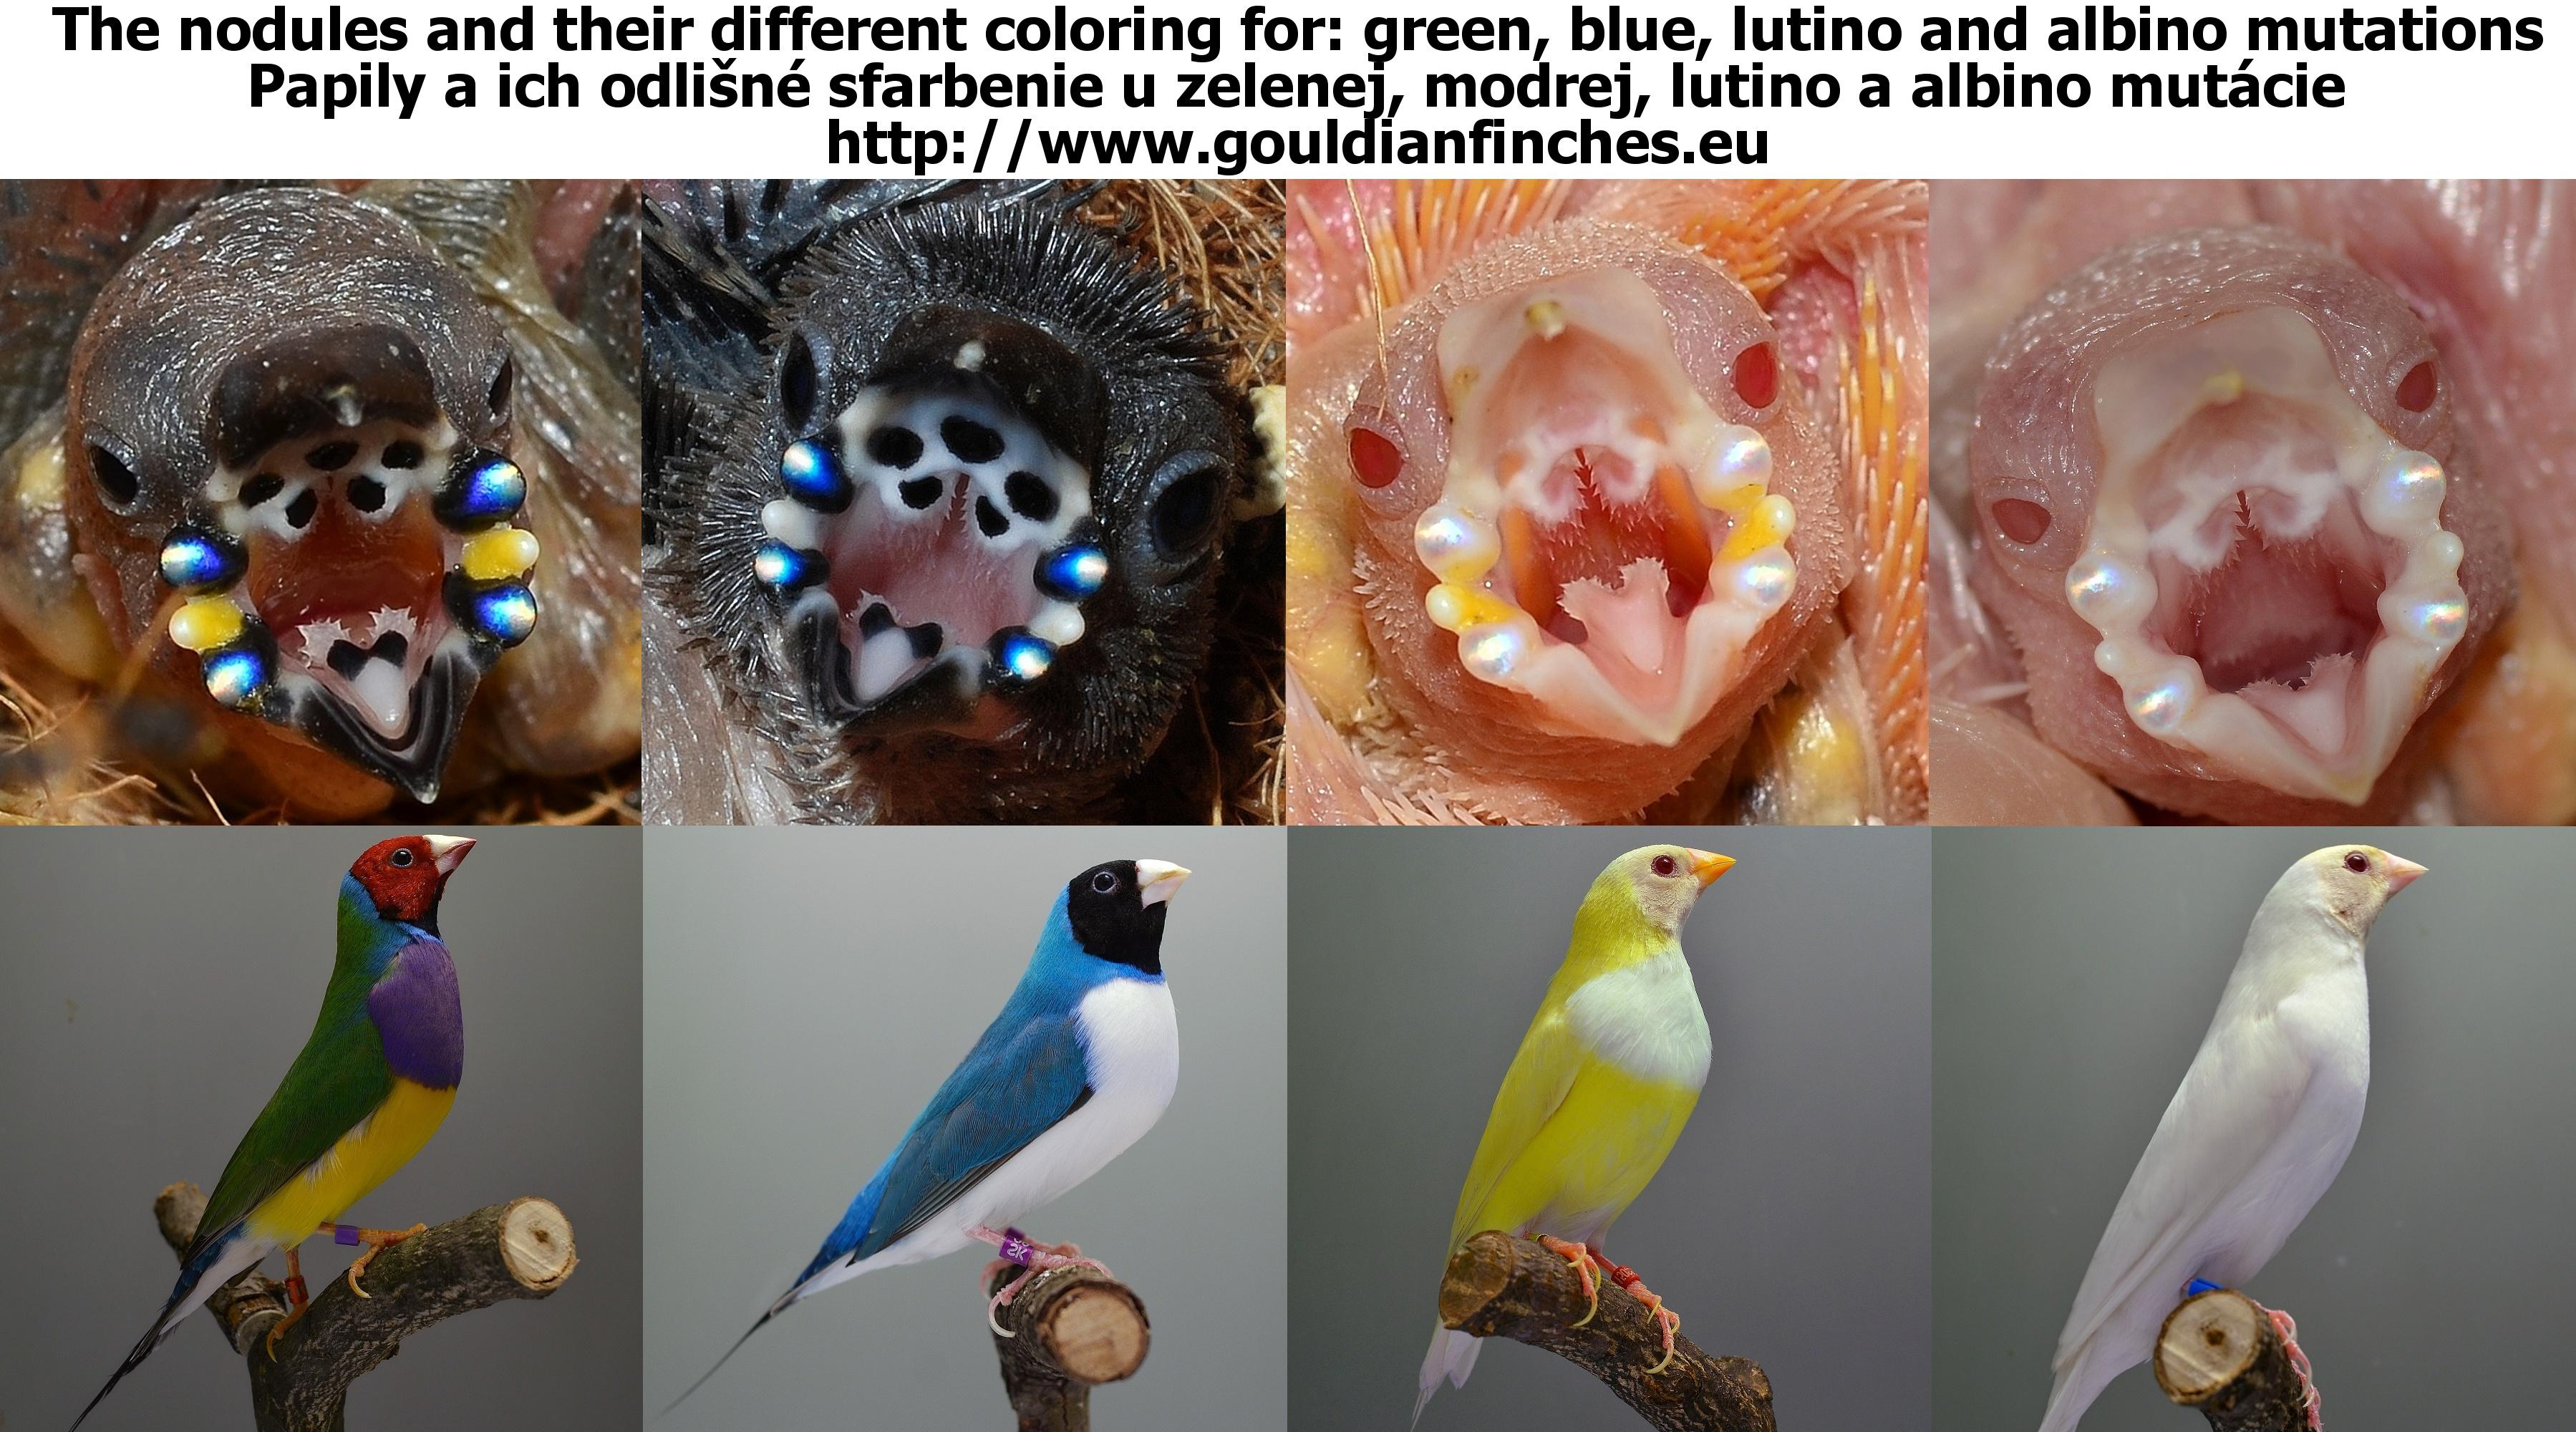 Gouldian Finch Chloebia Erythrura Gouldiae Gouldian Genetic Forecaster Gouldianfinches Eu